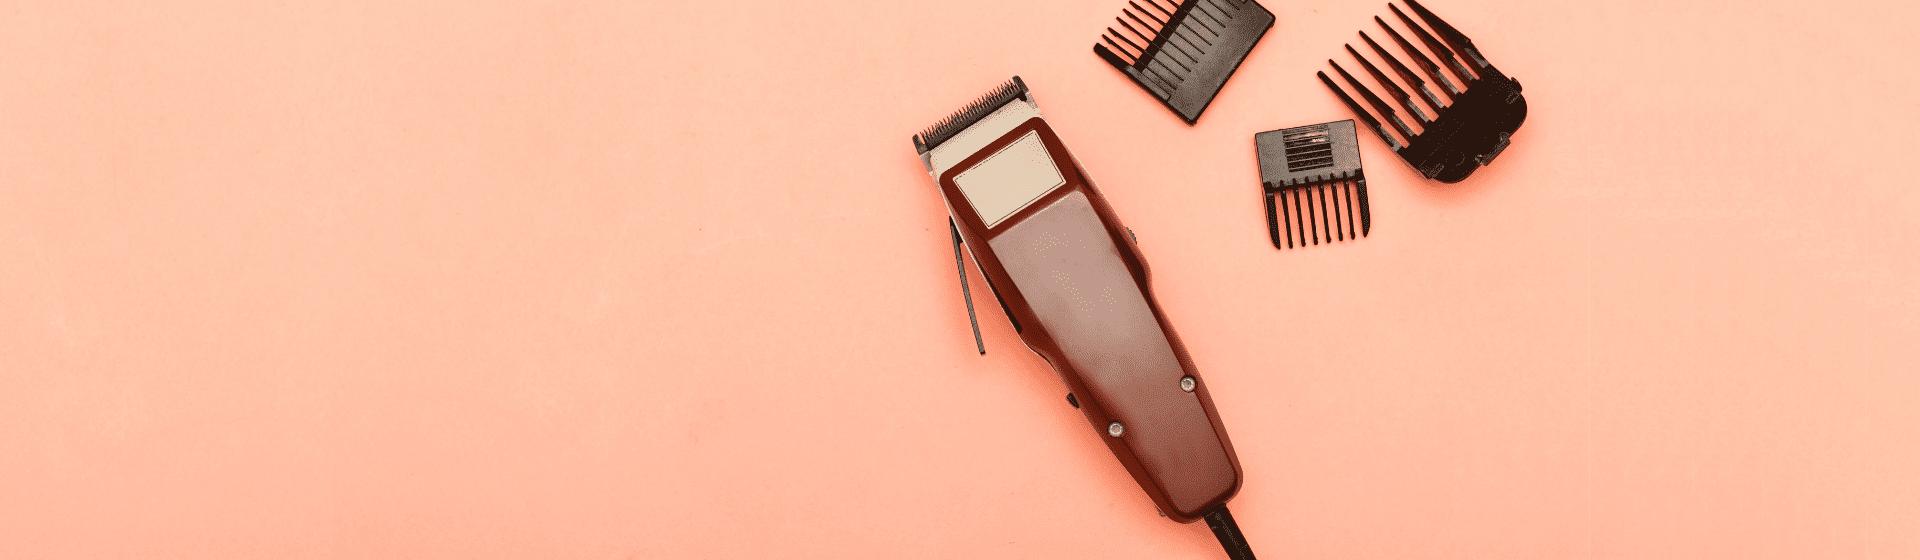 Melhor máquina de cortar cabelo de 2021: 10 modelos para comprar